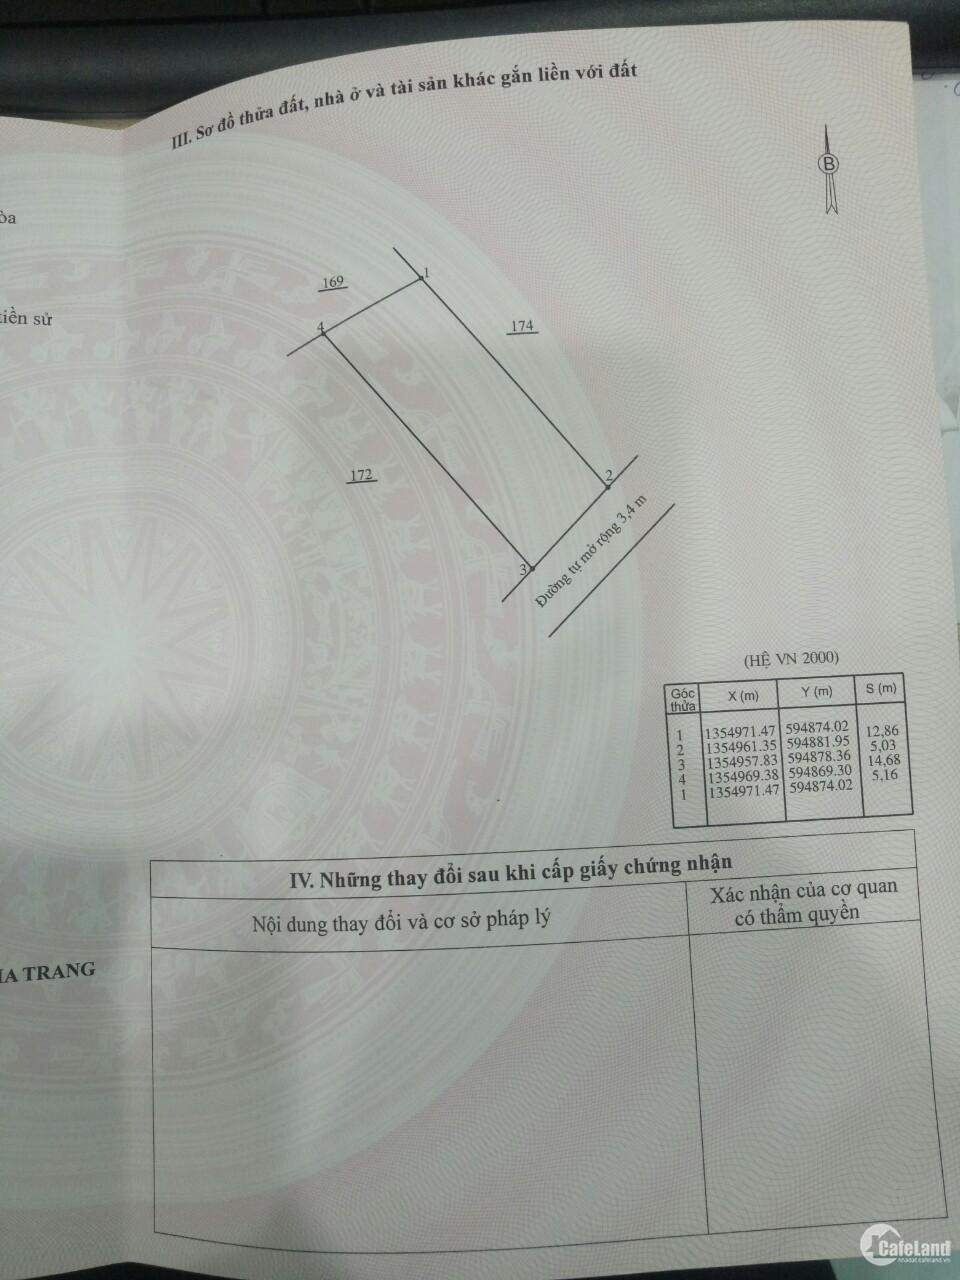 Bán đất Vĩnh Trung Nha Trang giá rẻ vị trí tiềm năng, sổ đỏ full thổ cư